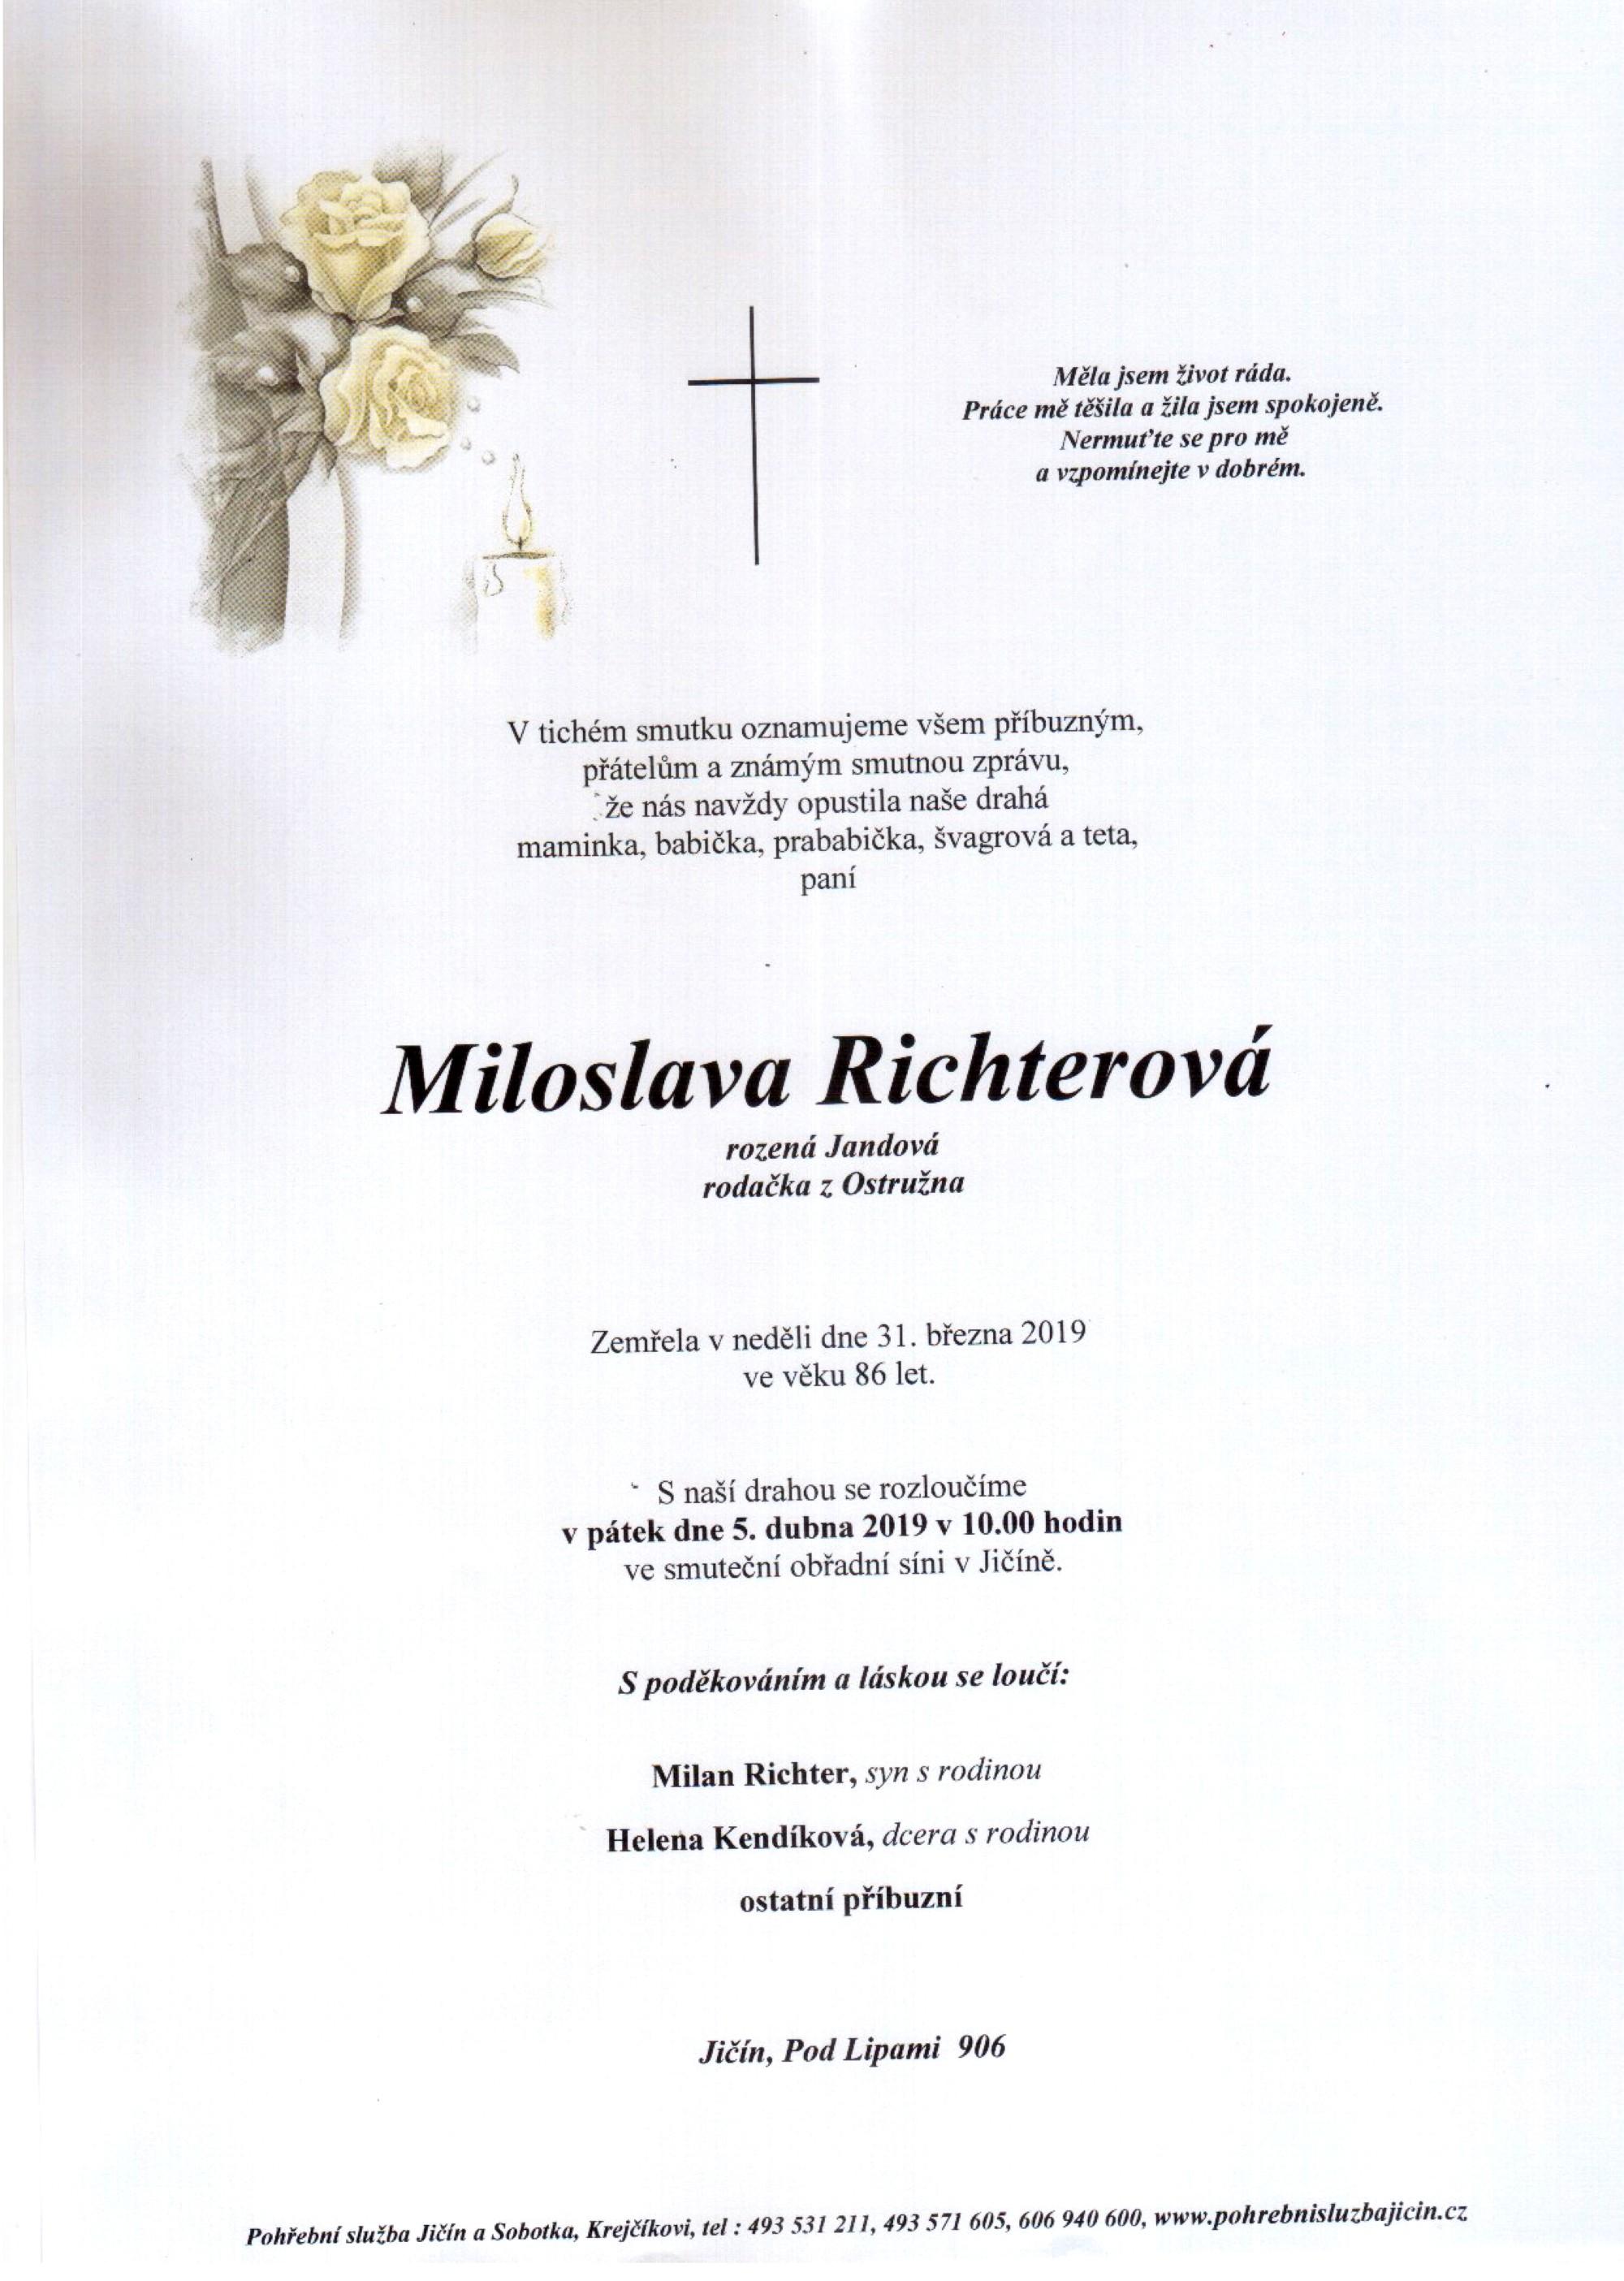 Miloslava Richterová